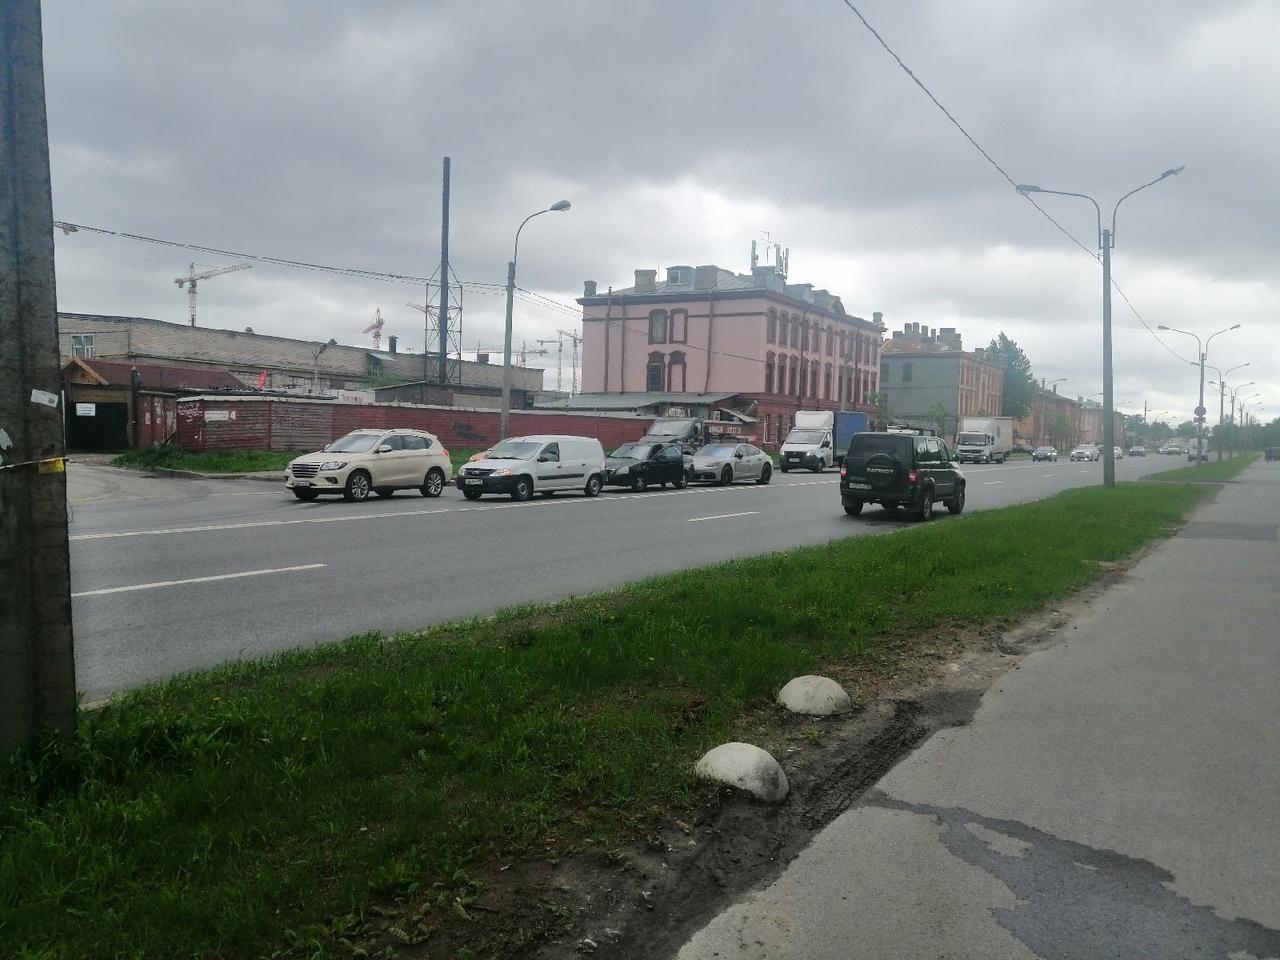 На Митрофаньевском шоссе, в сторону Обводного канала столкнулись немец и 2 отечественных автомобиля.